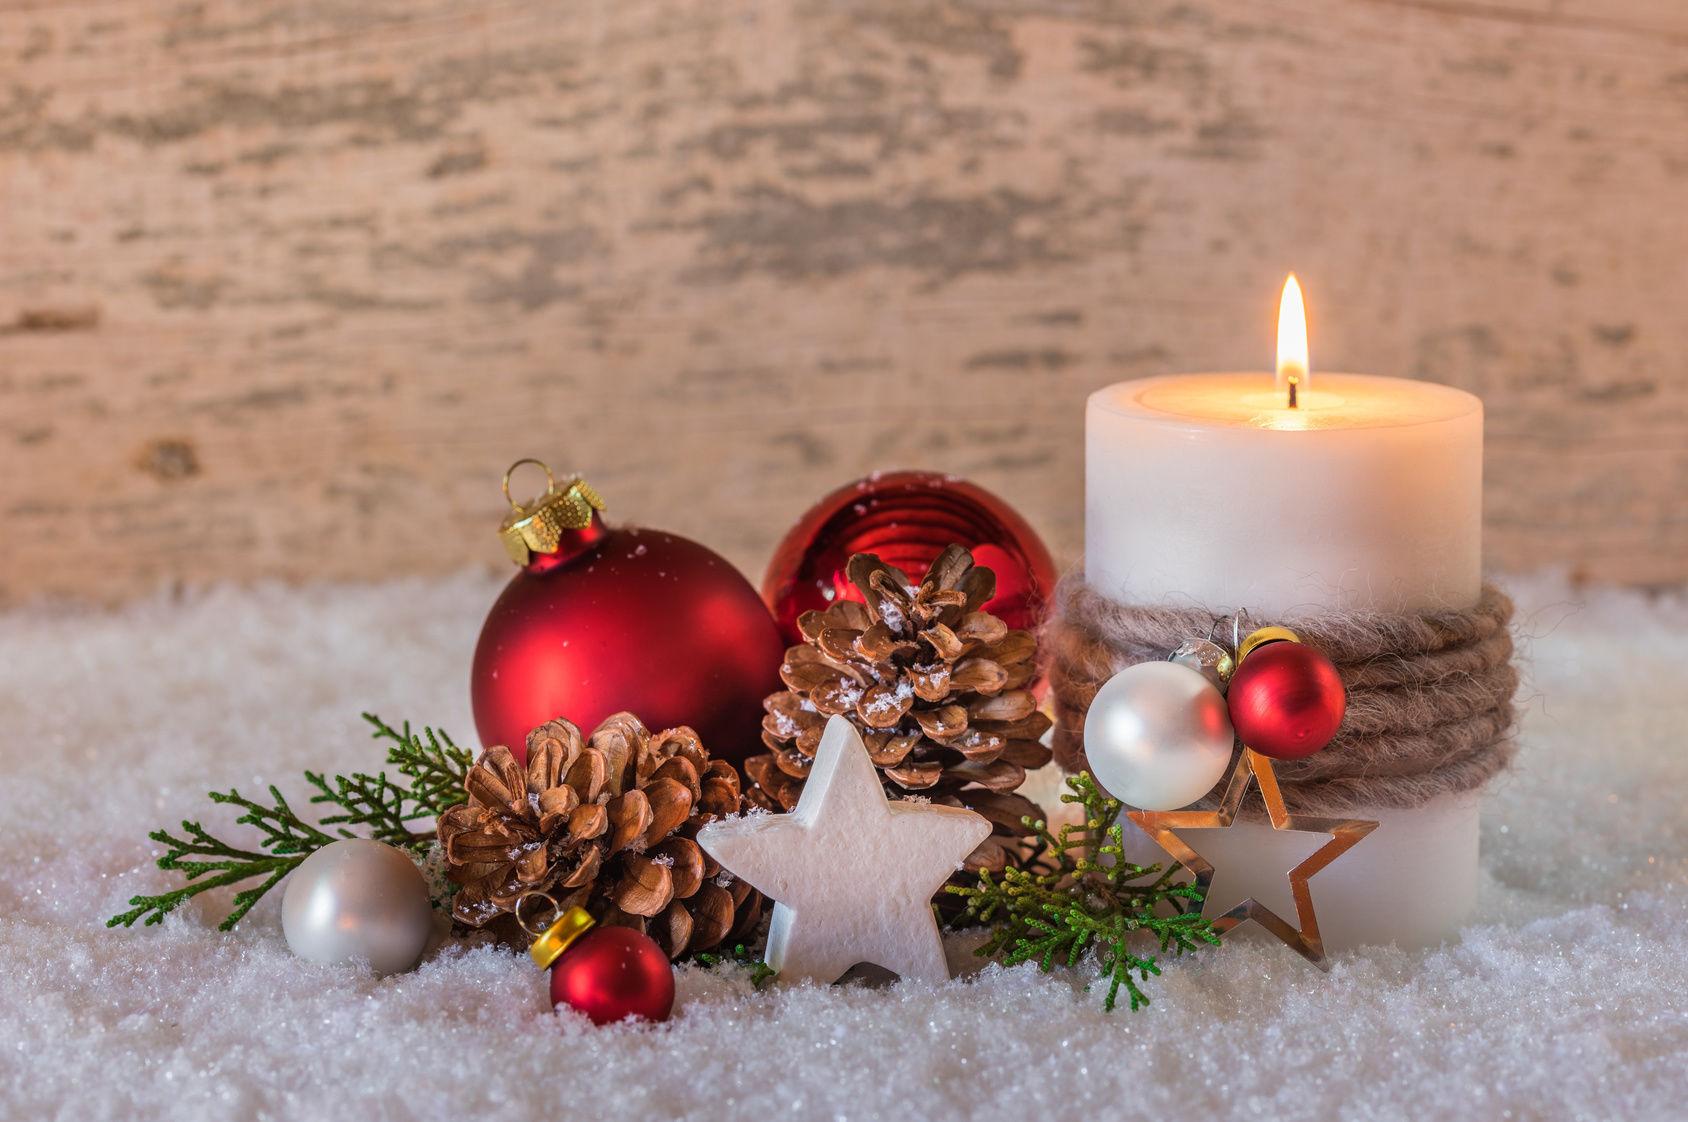 Teamspiele Weihnachtsfeier.Tagung Und Weihnachtsfeier Fur Firmen Und Gruppen In